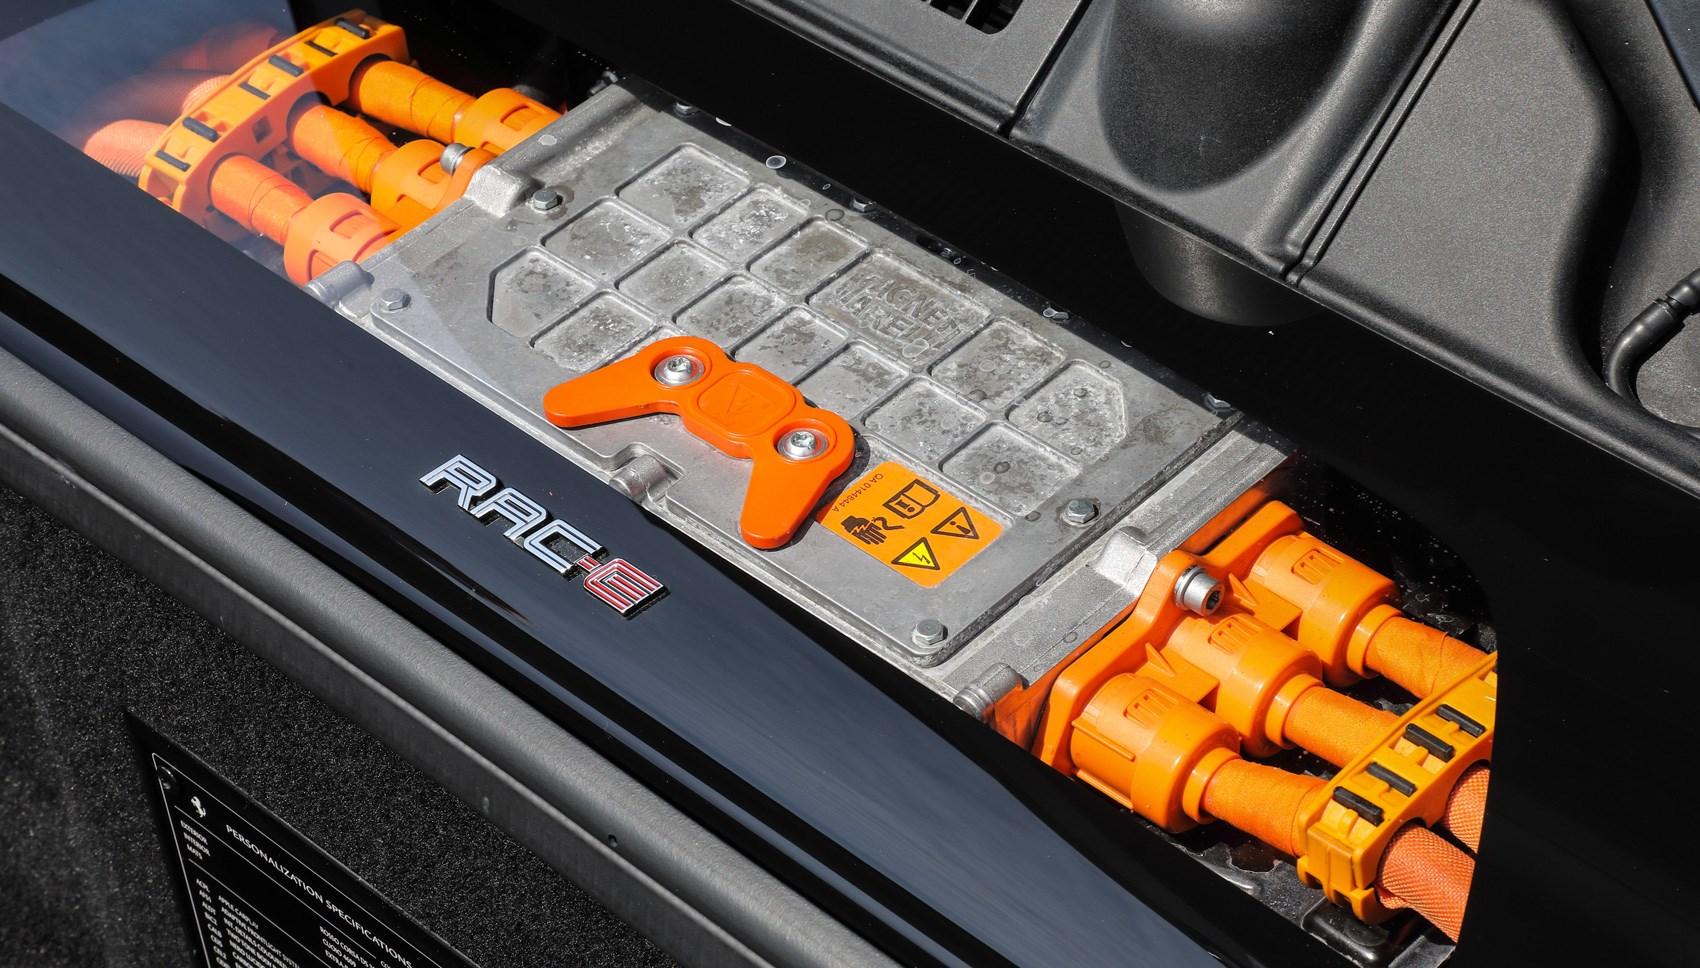 sf90 electronics